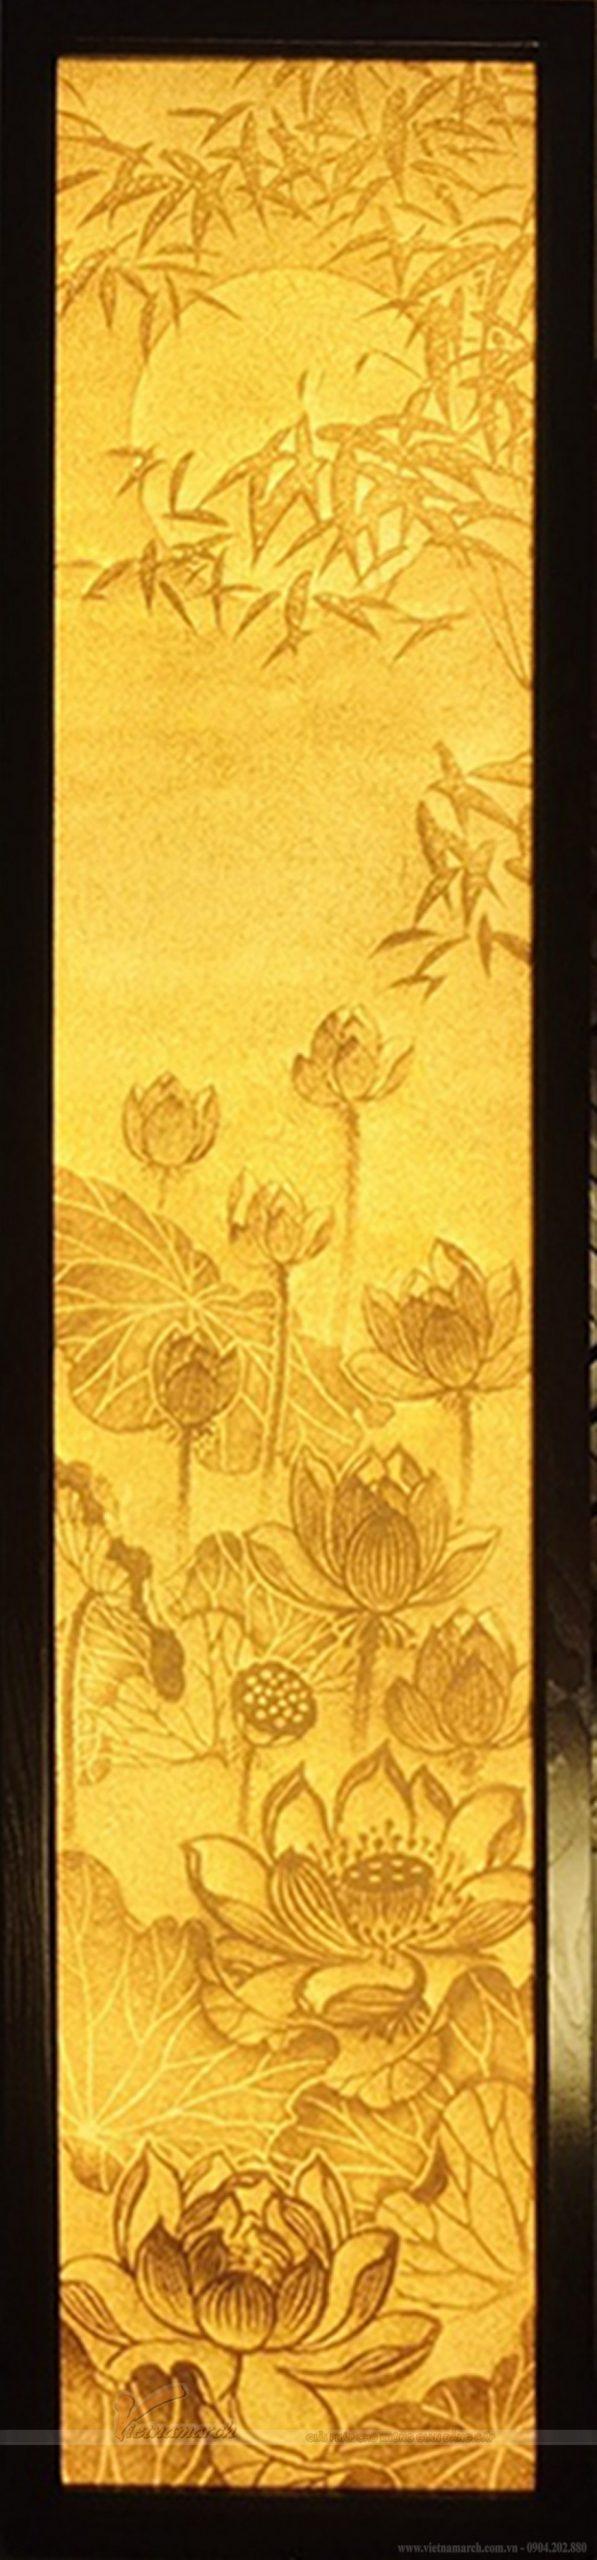 Bộ sưu tập tranh giấy dừa, tranh trúc chỉ hoa sen mới nhất 2021 tại 61 Nguyễn Xiển